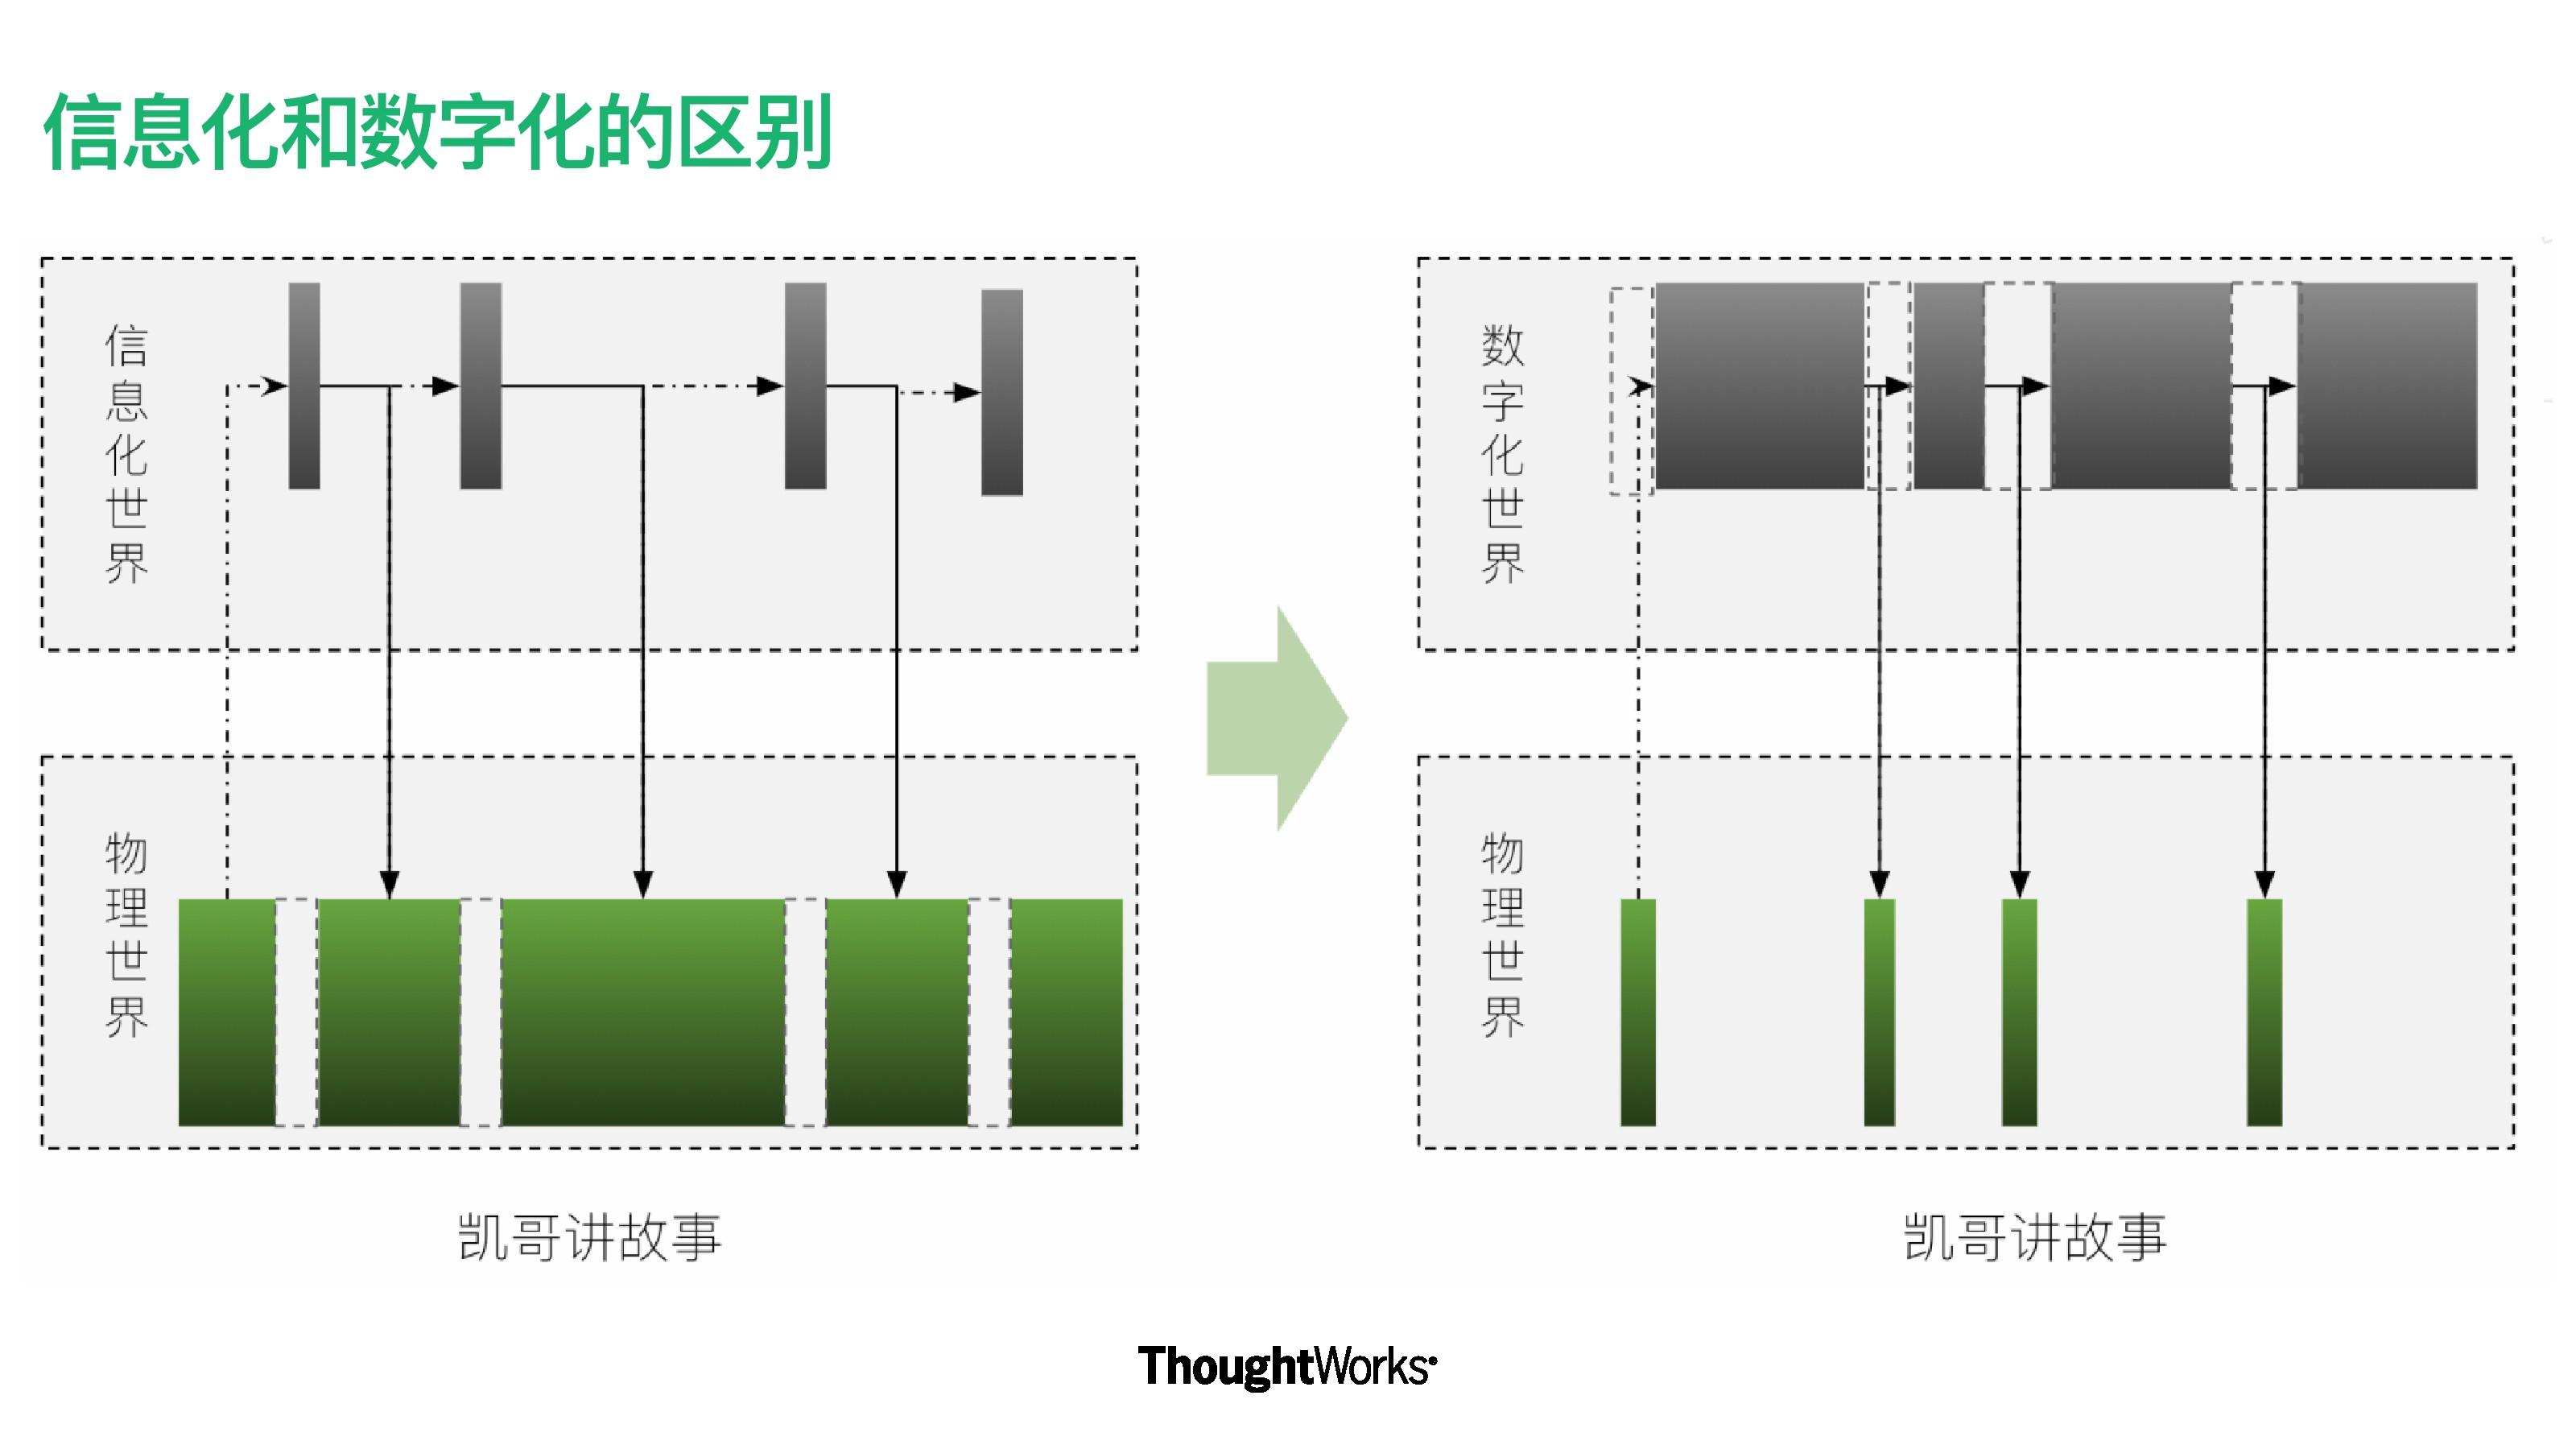 凯哥讲数字化:一张图看懂信息化和数字化的本质区别